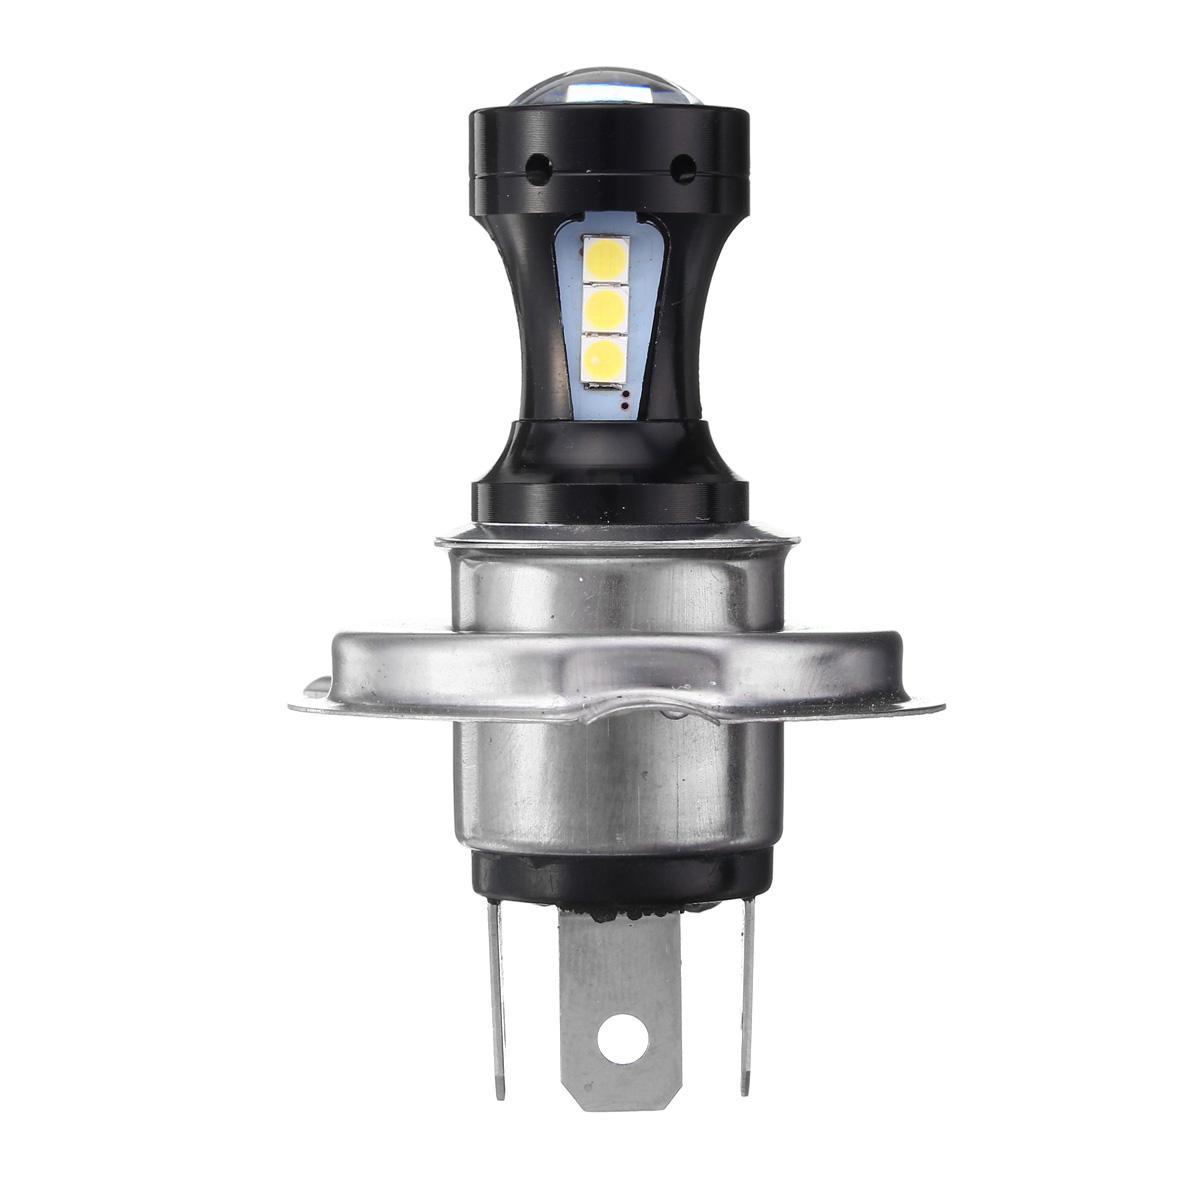 35W 12V Motorcycle Headlight H4 Amber Light Headlamp For Harley Bobber Chopper - 1